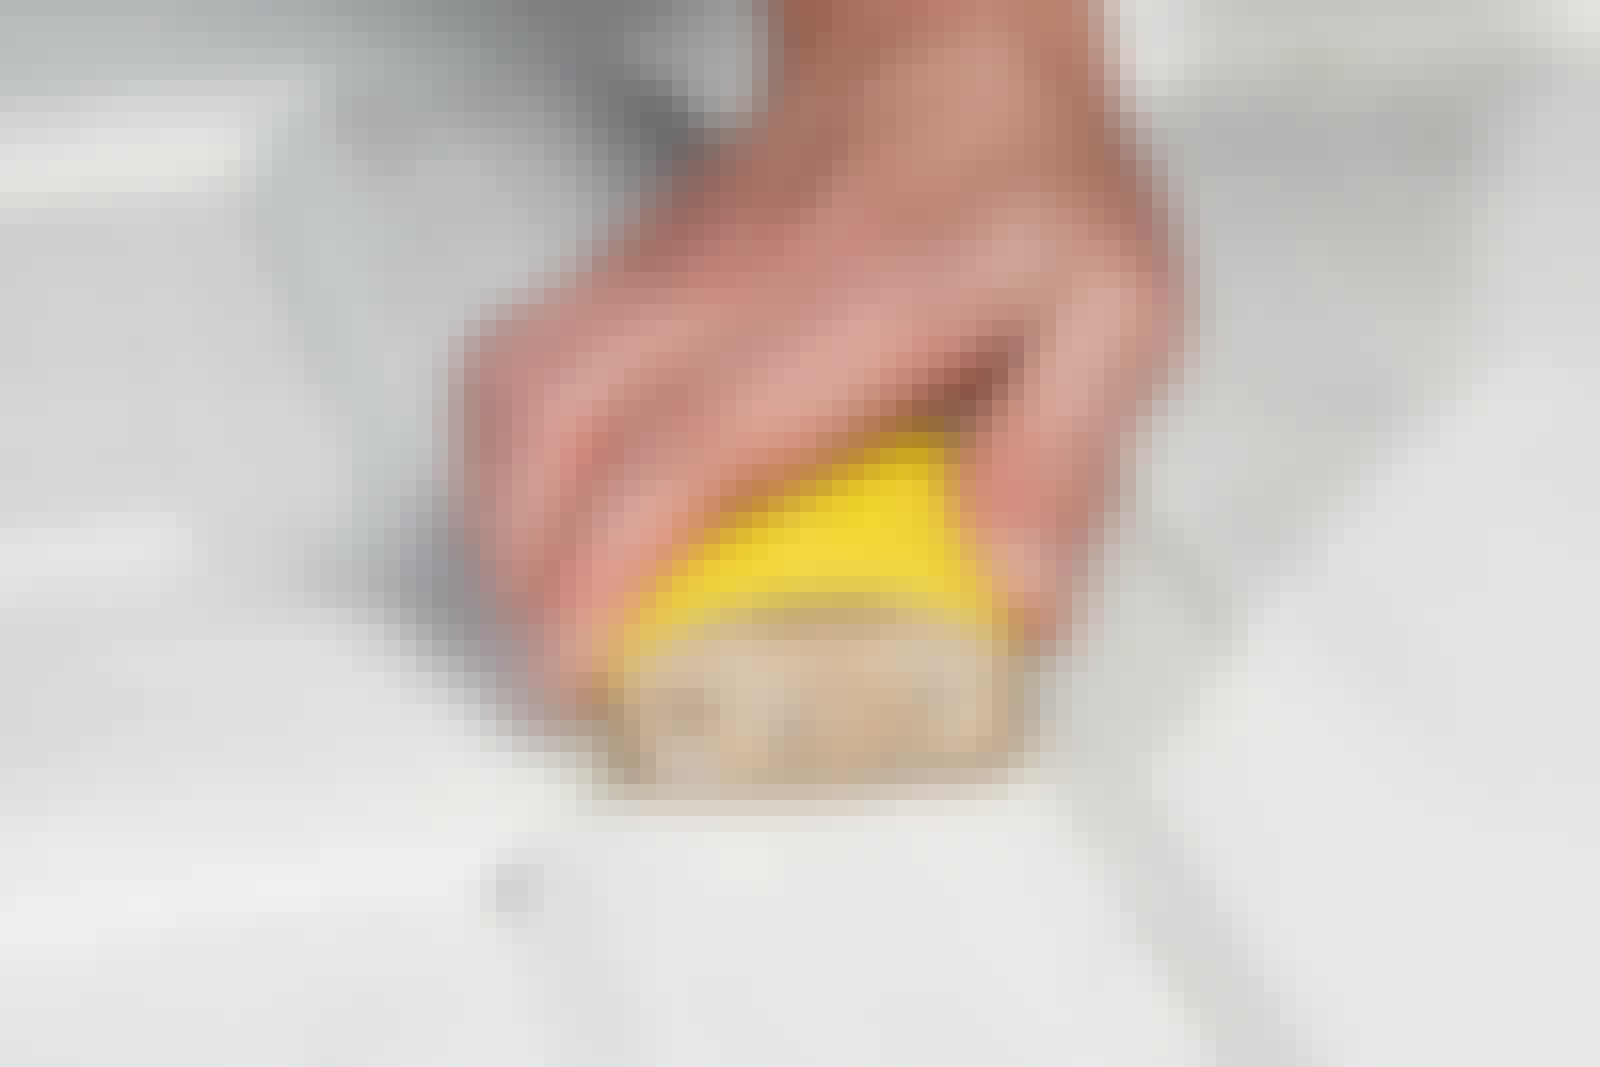 Slipepapir: Hvordan brukes slipepapir